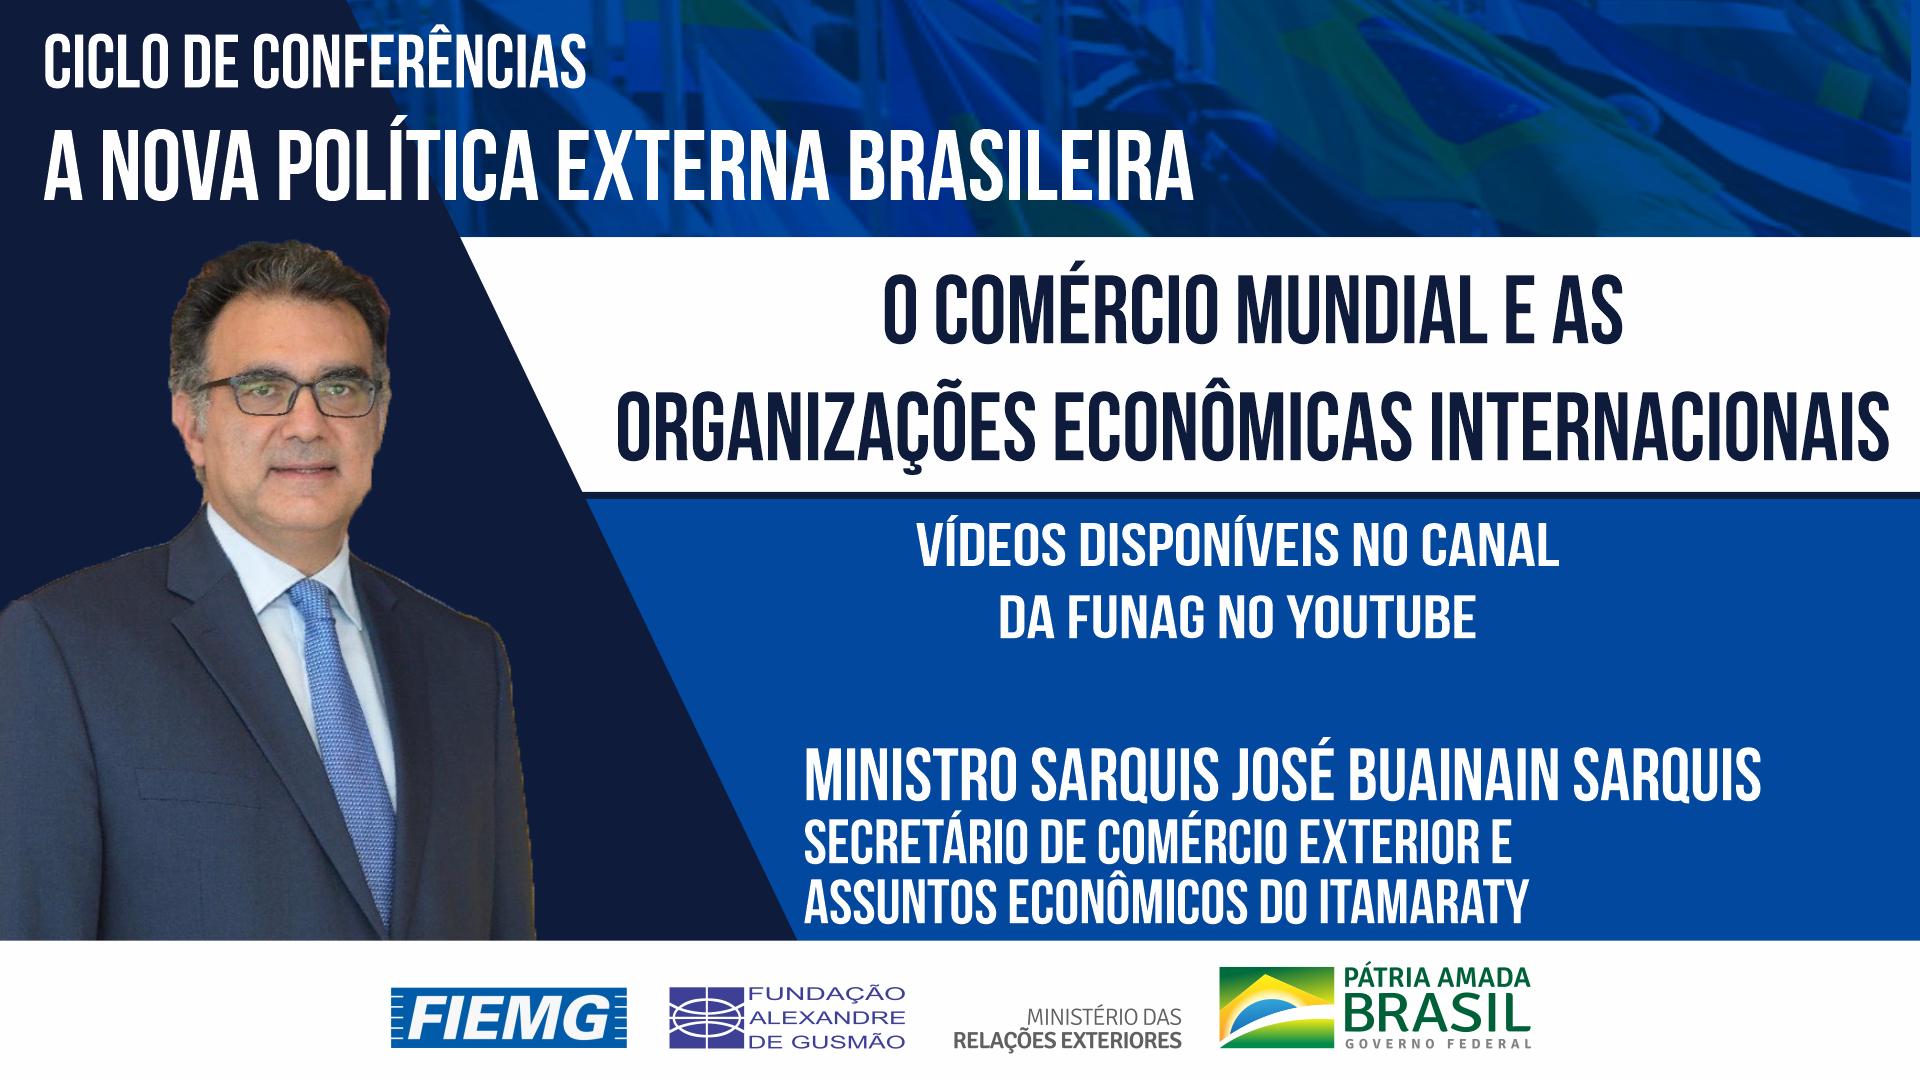 Assista aos vídeos da conferência do secretário de Comércio Exterior e Assuntos Econômicos do Itamaraty, ministro Sarquis José Buainain Sarquis